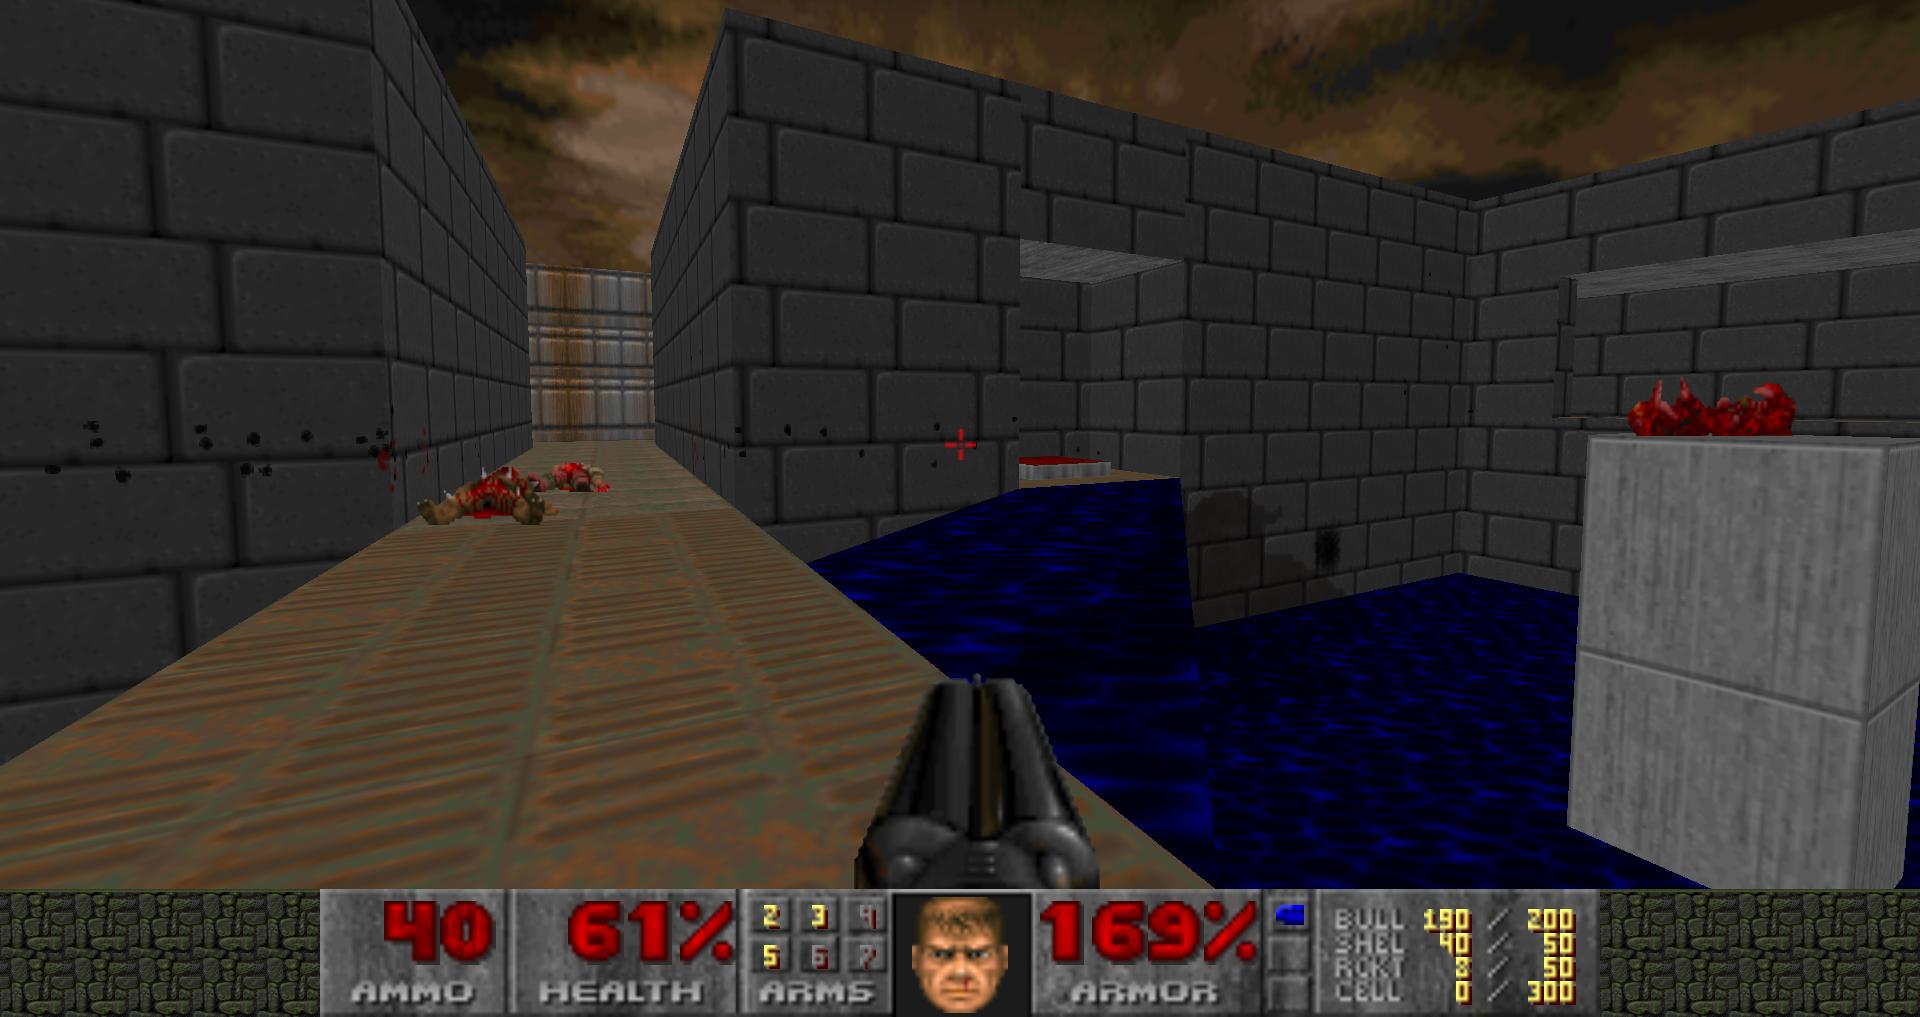 Screenshot_Doom_20200414_081117.png.318baf674dcda62c4262a2a14e0b0e35.png